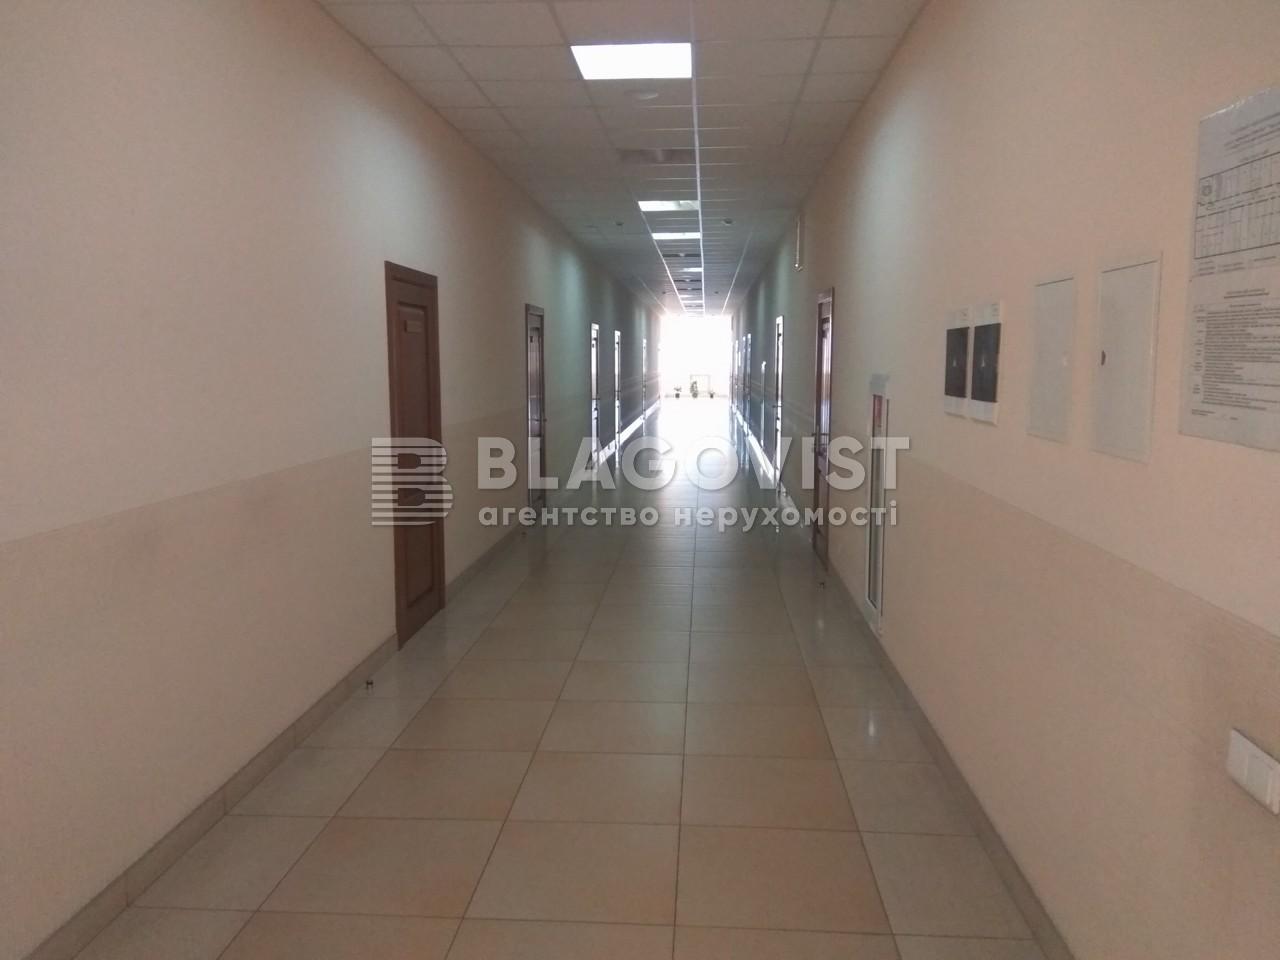 Офис, H-42455, Антоновича (Горького), Киев - Фото 15